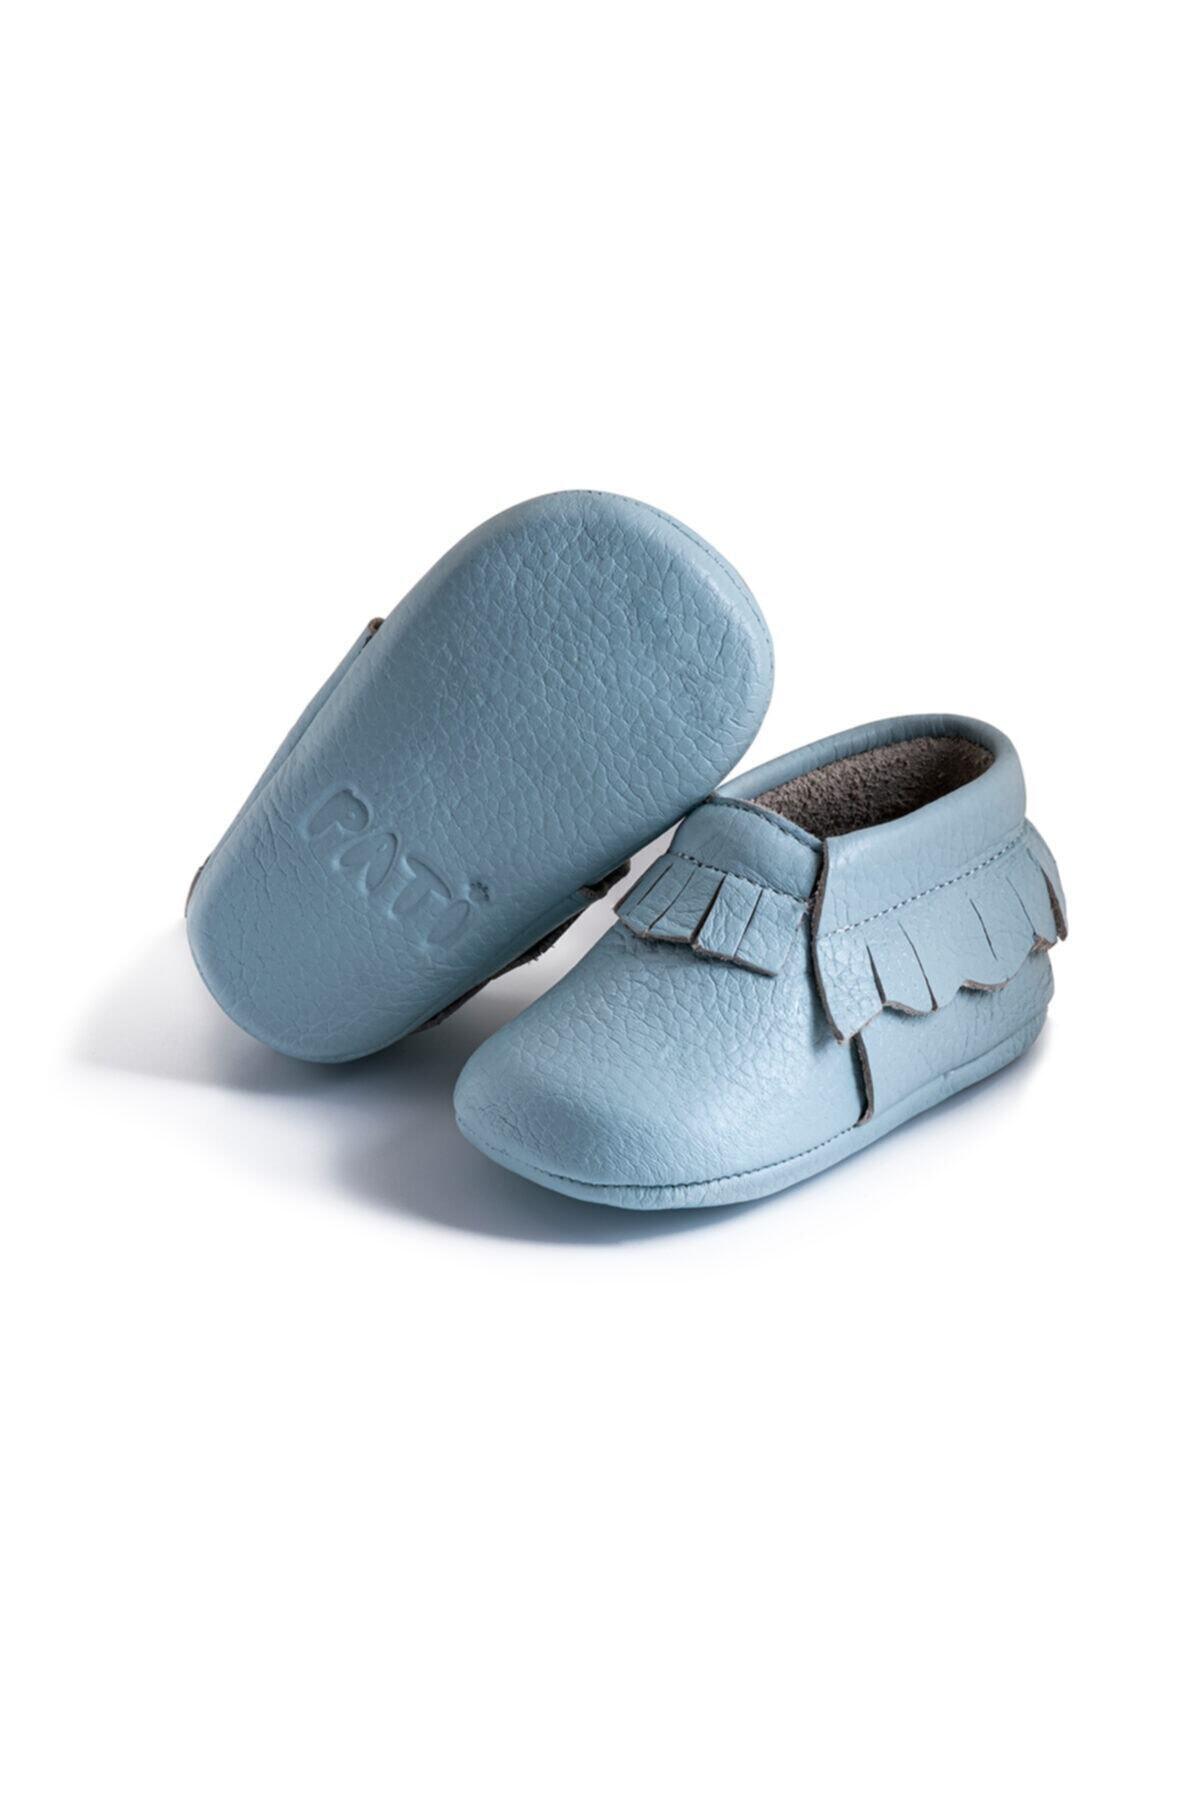 Pati Junior %100 Hakiki Deri Mavi Püsküllü Bebek Patik